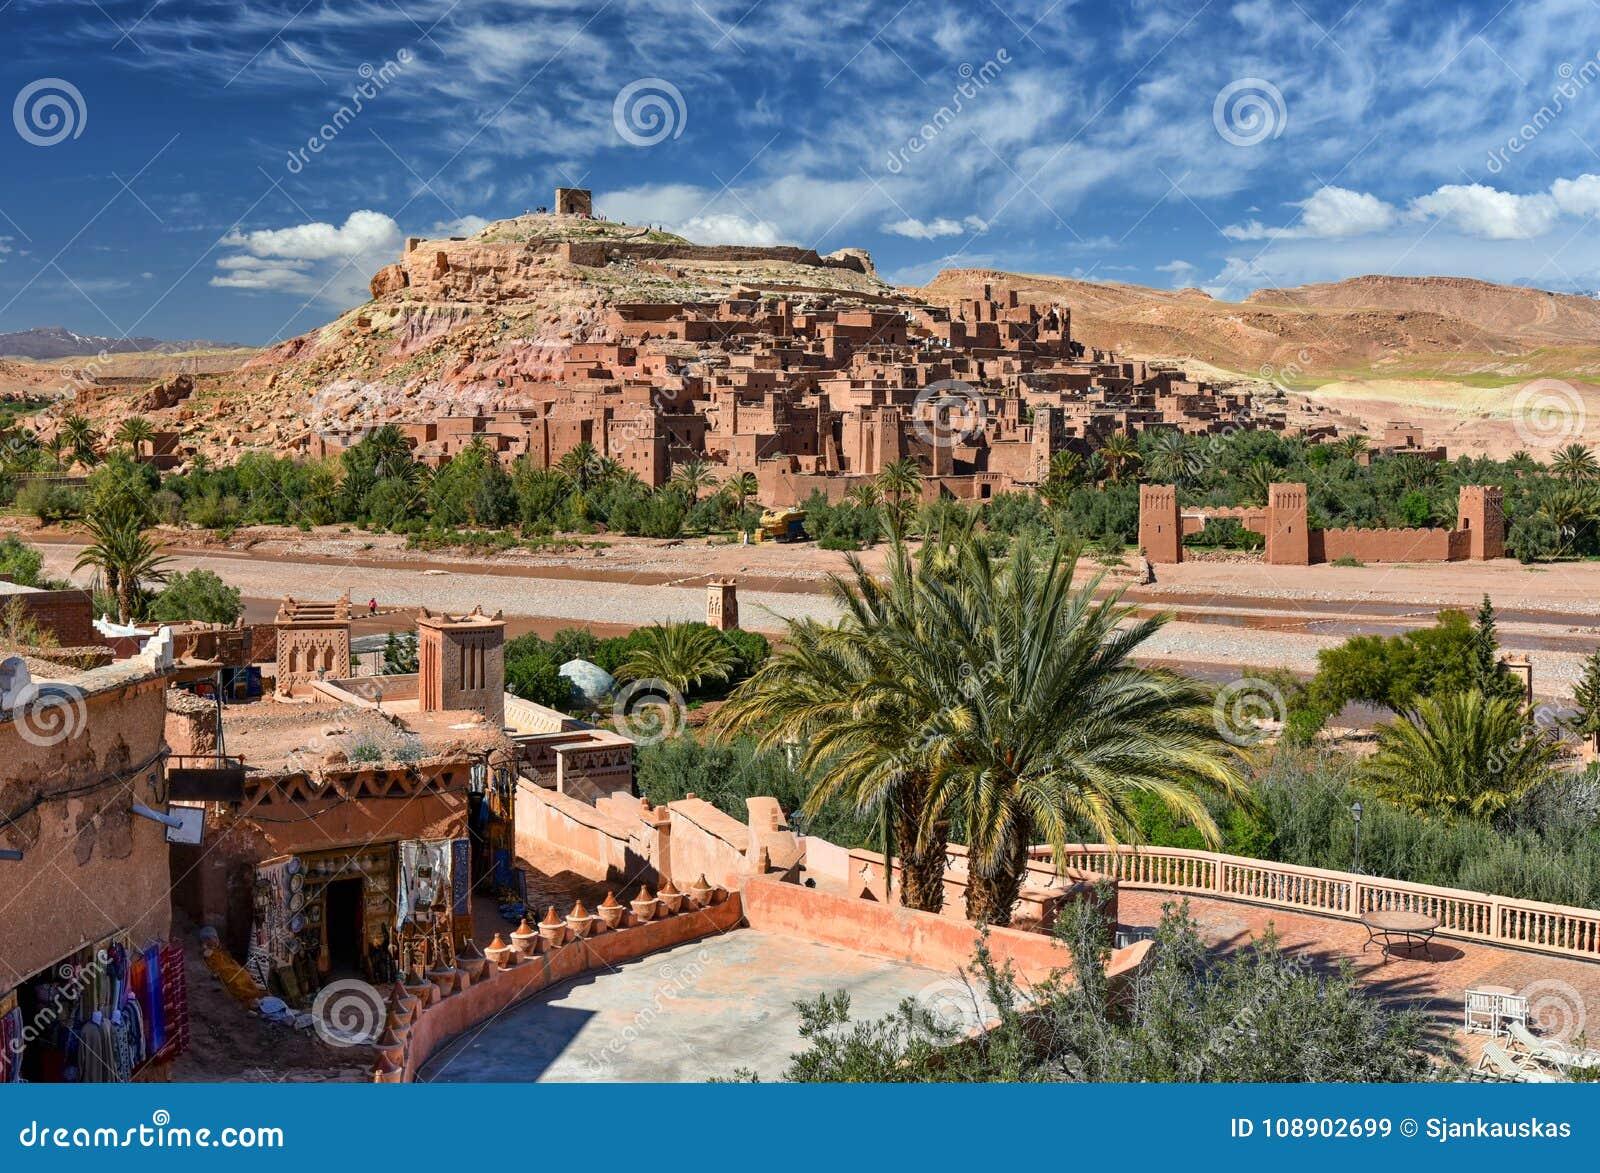 Ksar kasbah Ait Ben Haddou, Morocco